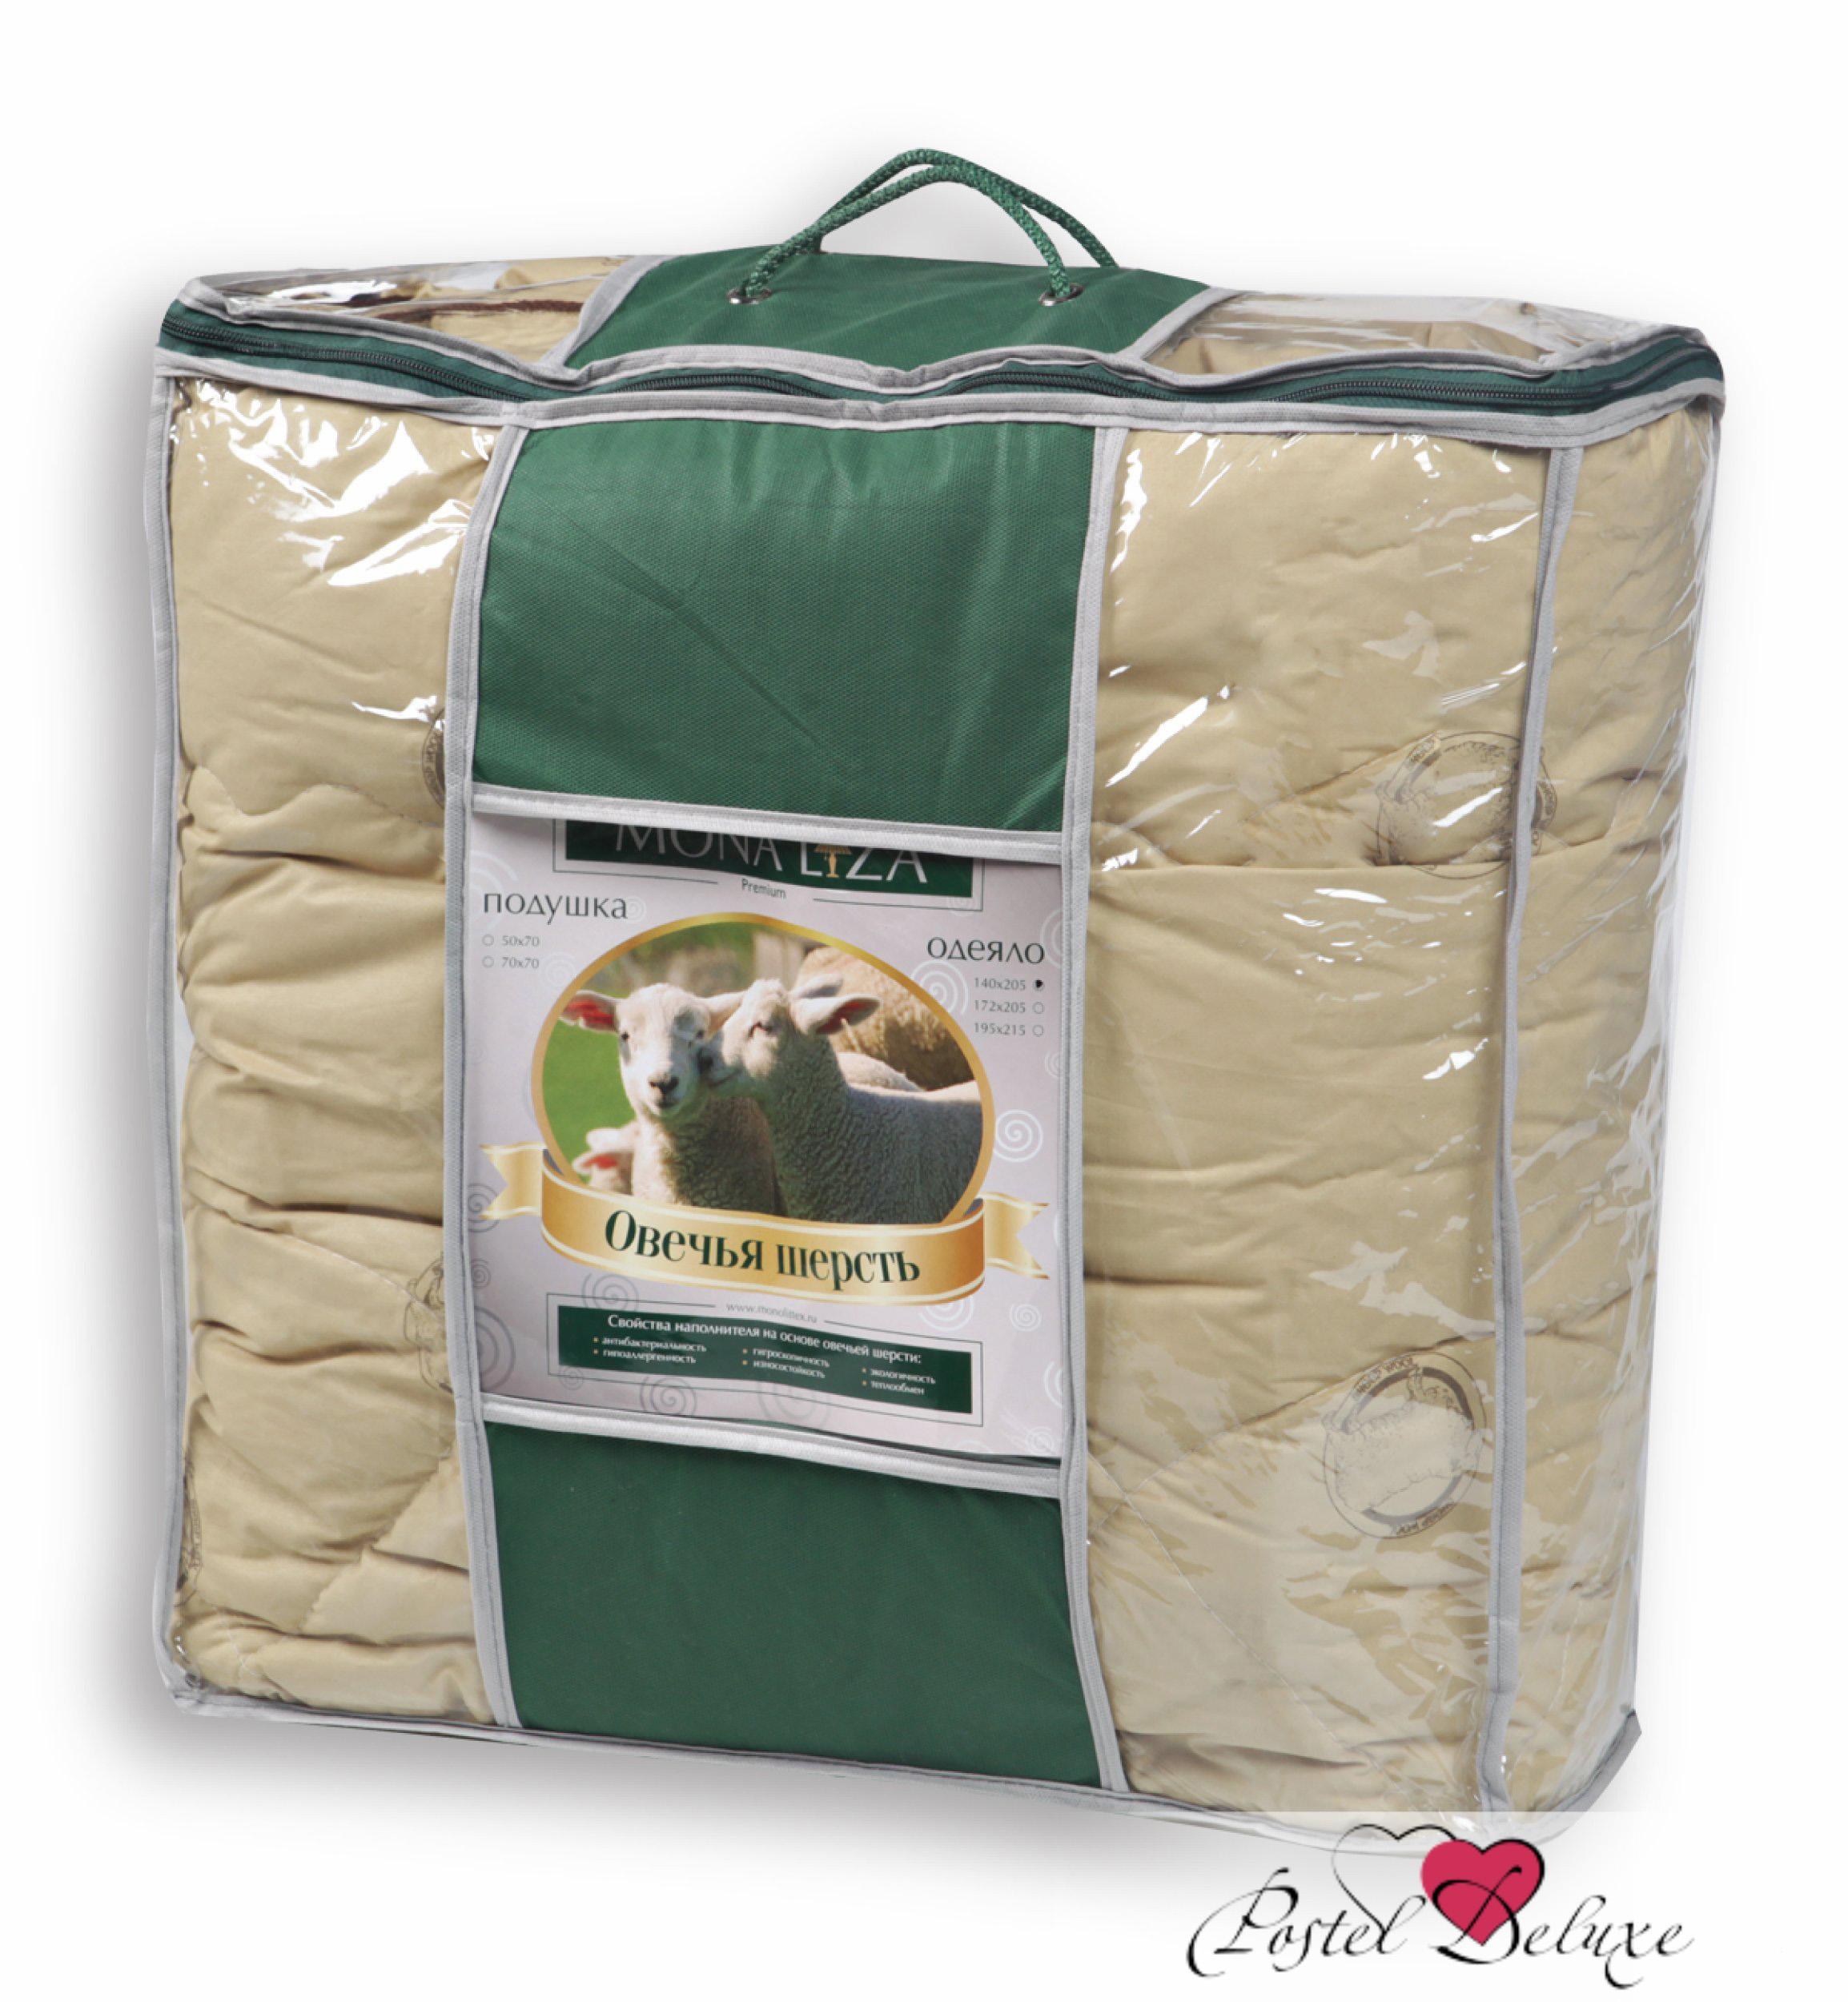 Одеяло Mona LizaОдеяла<br>Одеяло стёганое всесезонное двуспальное (мал)<br>Размер: 195х215 см<br><br>Наполнитель: Шерсть овечья (Шерстепон)<br>Плотность наполнителя: 200 г/м2<br>Состав: 30% Овечья шерсть, 70% Полиэстер<br><br>Материал чехла: Поликоттон (Шатель)<br>Состав: 50% хлопок, 50% полиэстер<br>Отделка: Кант<br><br>Производитель: Mona Liza<br>Страна производства: Россия<br>Тип Упаковки: Чемодан ПВХ<br><br>Тип: одеяло<br>Размерность комплекта: 2-спальное<br>Материал: Поликоттон<br>Размер наволочки: None<br>Подарочная упаковка: None<br>Для детей: нет<br>Ткань: Поликоттон<br>Цвет: Бежевый